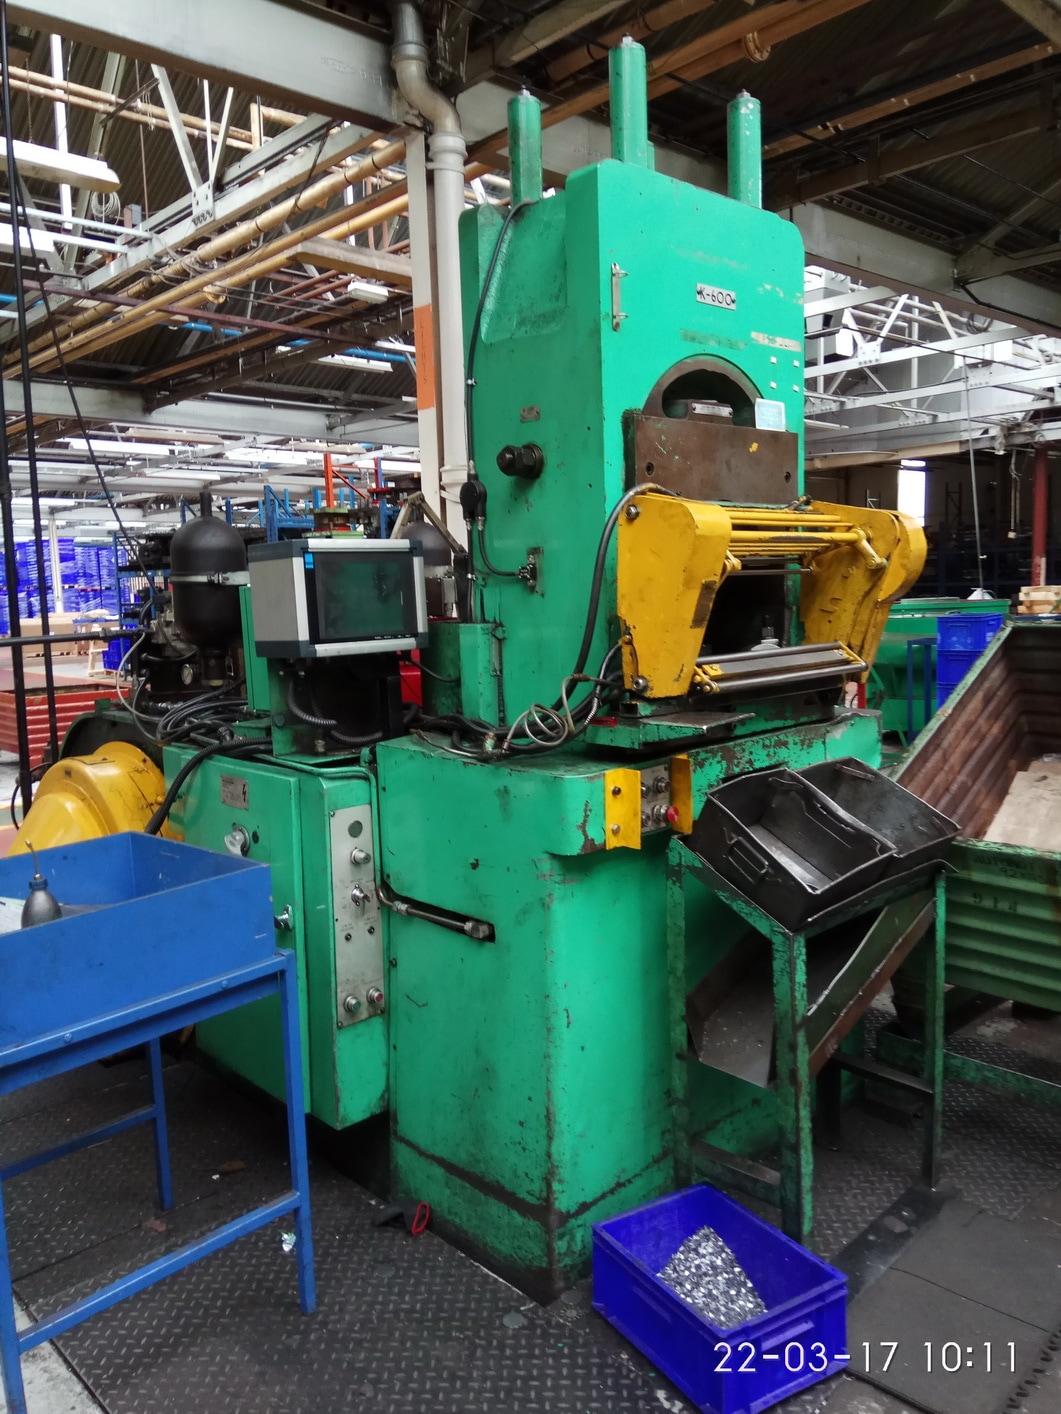 Knuckle joint power press Cincinnati HME K600